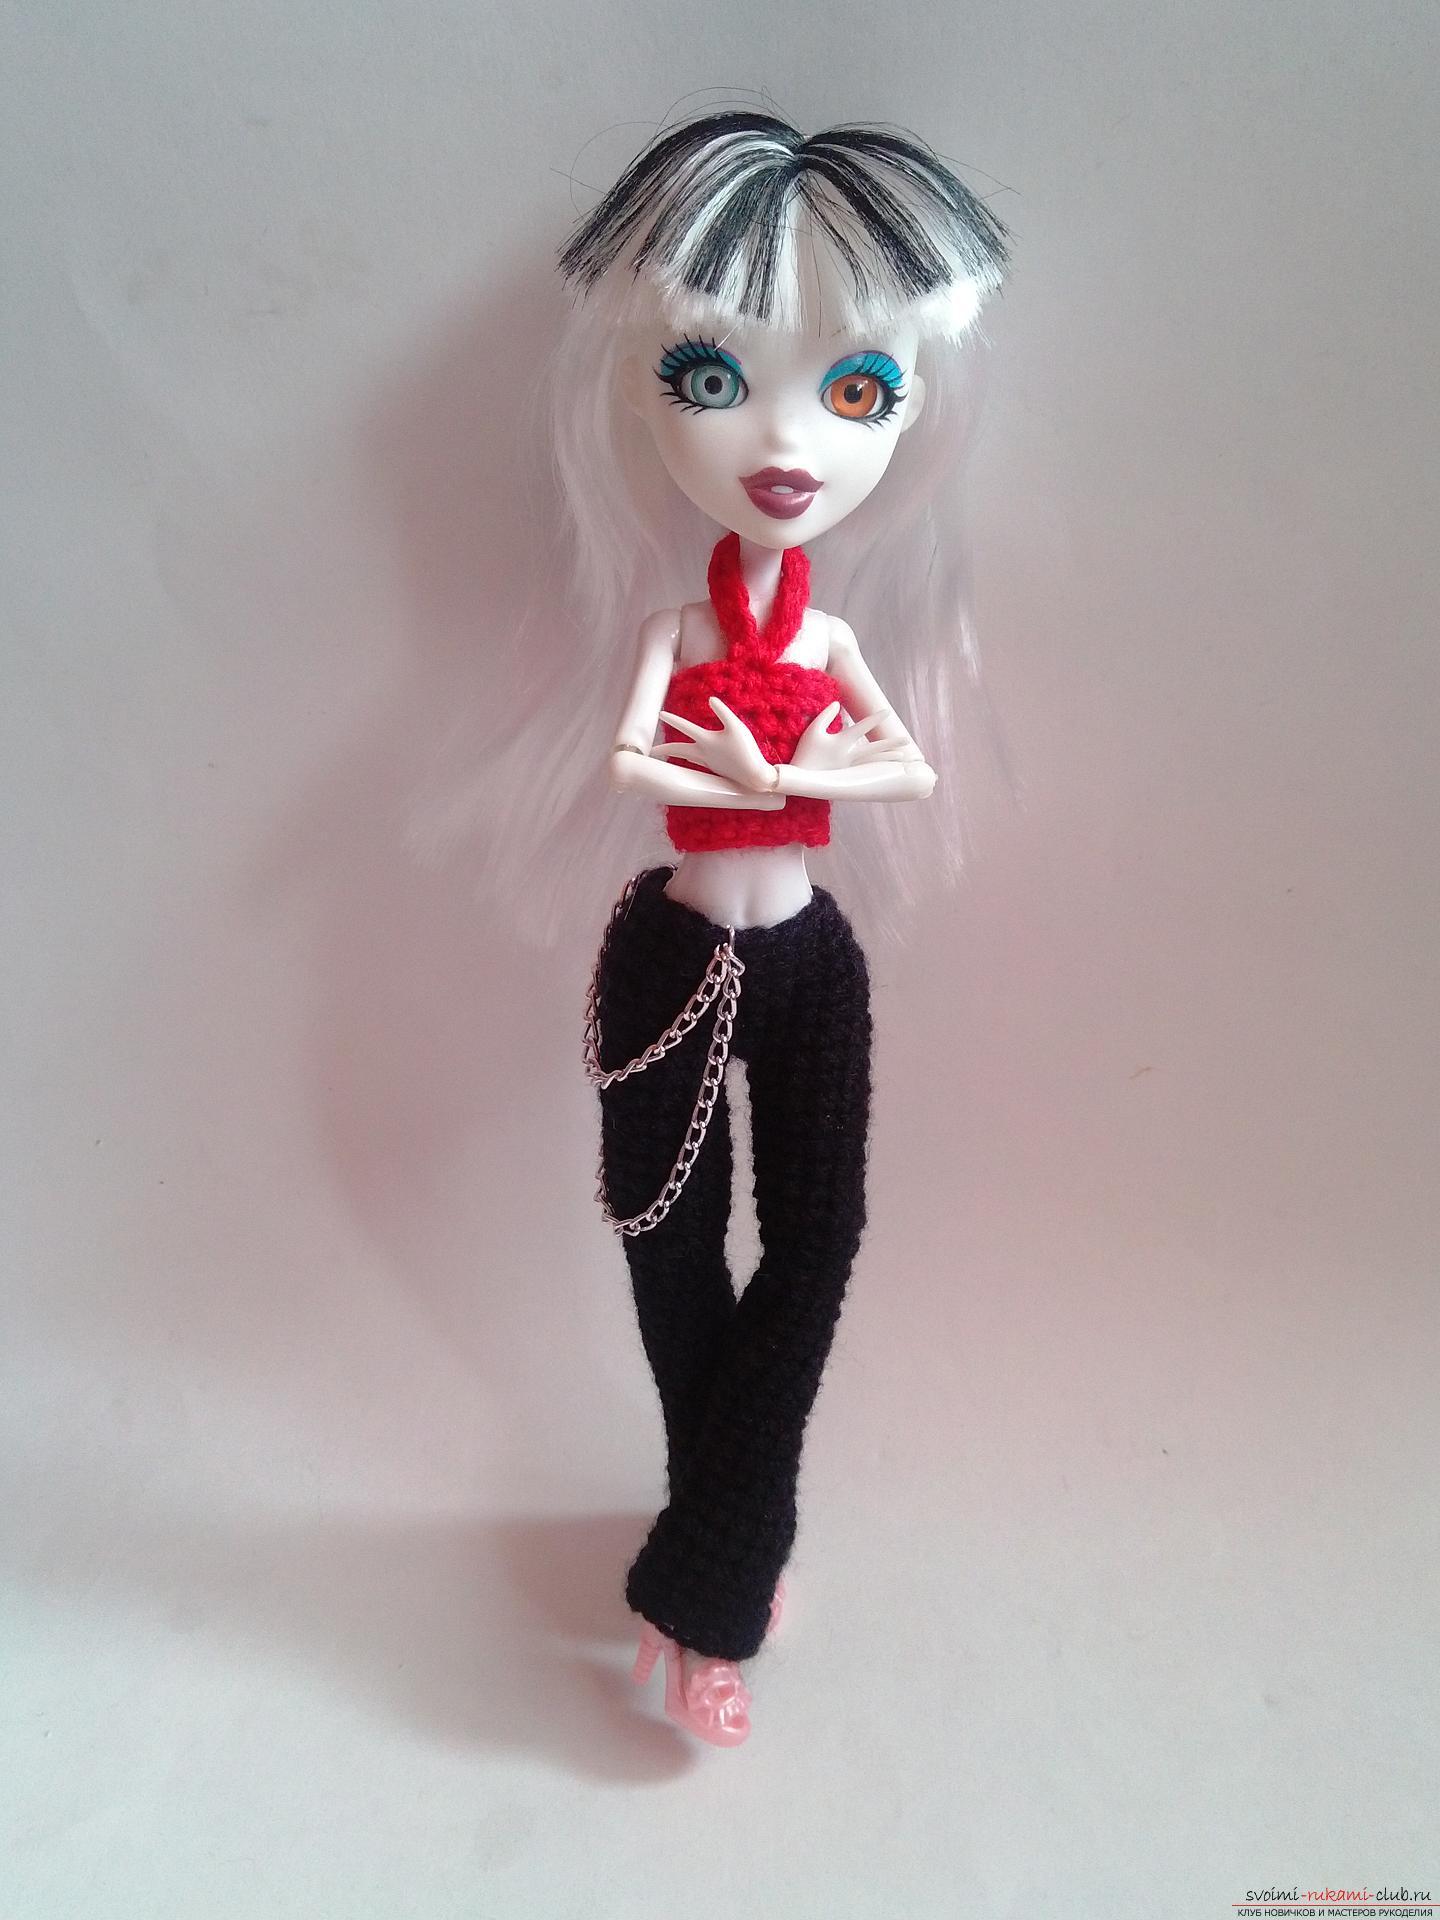 Вязание крючком по нашему мастер-классу поможет связать одежду для кукол Монстер Хай – брюки и топ.. Фото №12